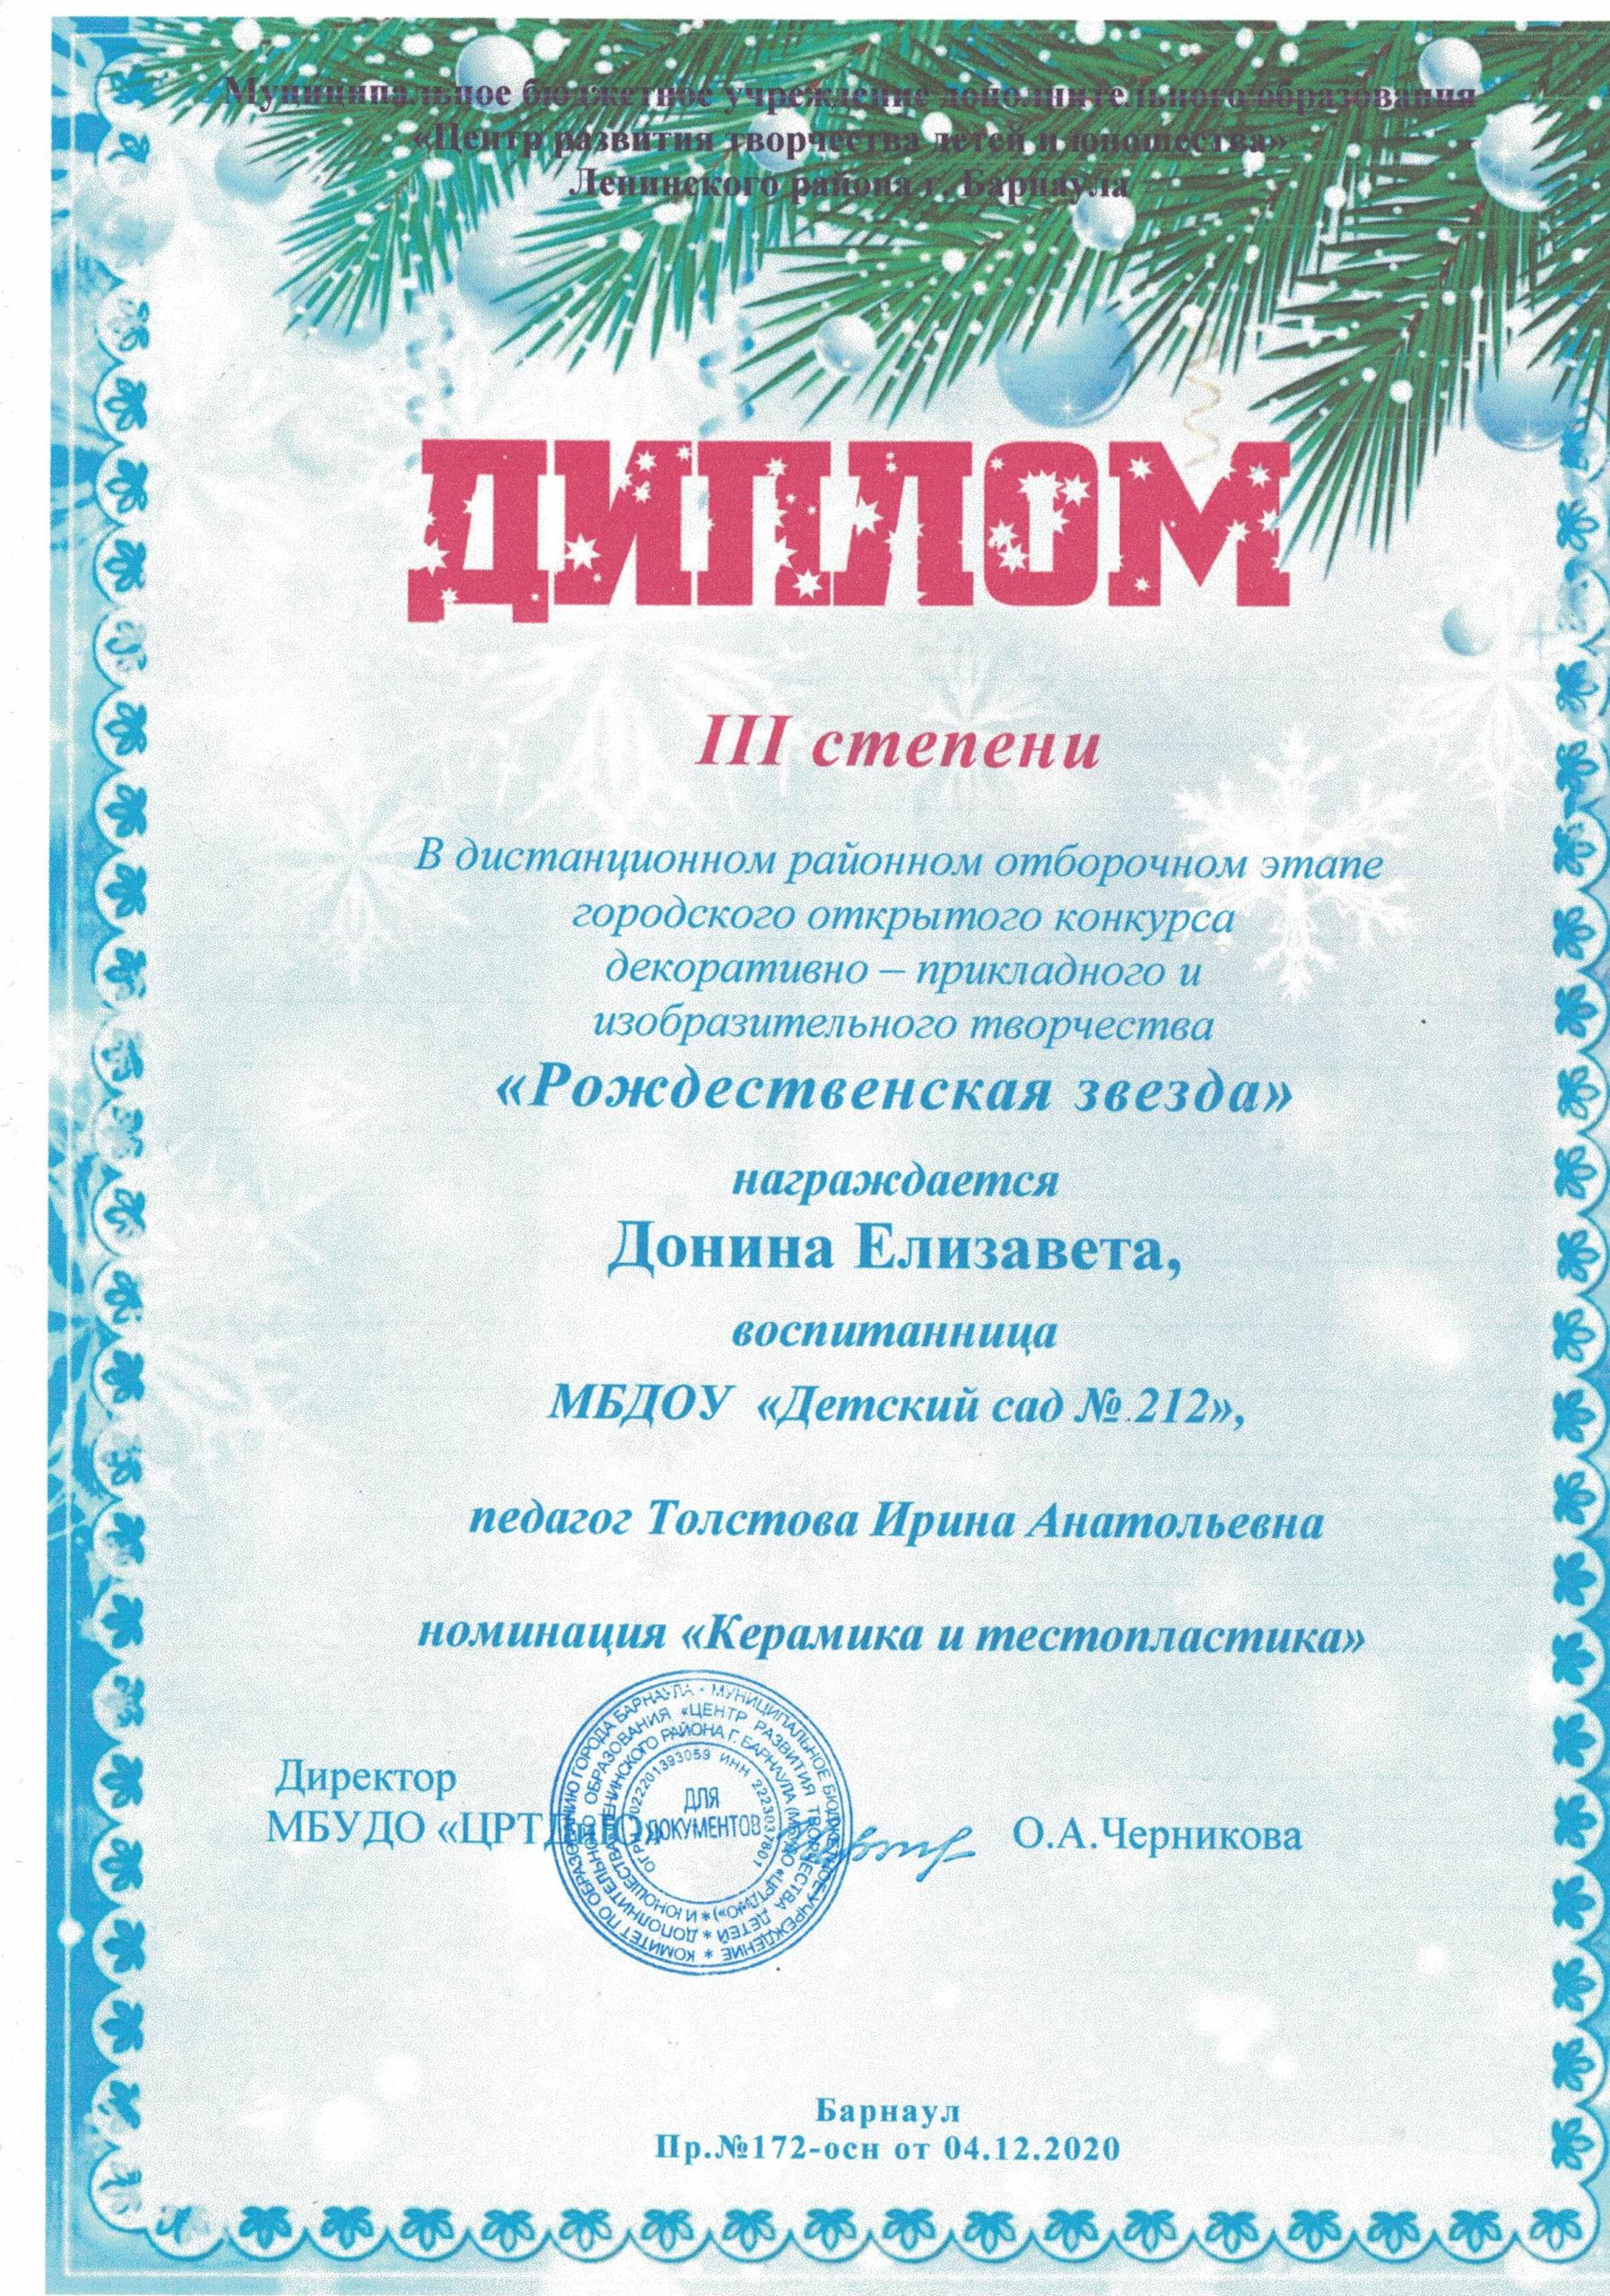 Диплом Рождественская звезда 314122020